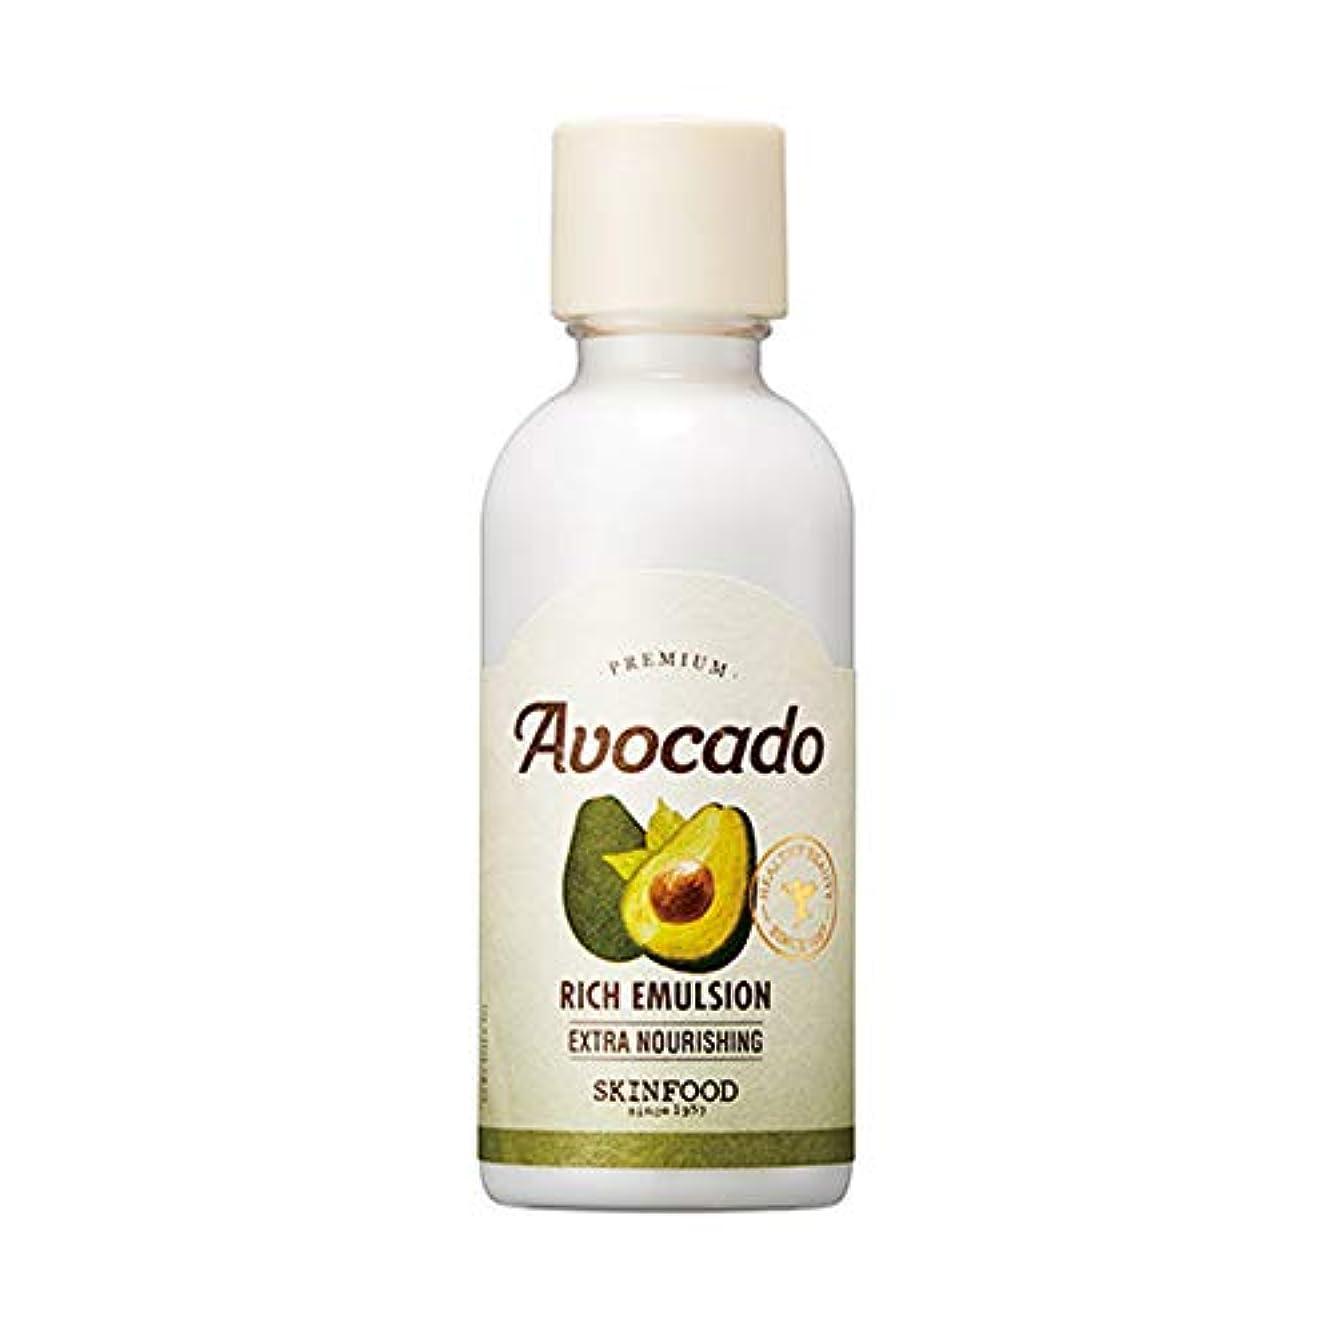 整然とした気づく治安判事Skinfood プレミアムアボカドリッチエマルジョン/Premium Avocado Rich Emulsion 160ml [並行輸入品]